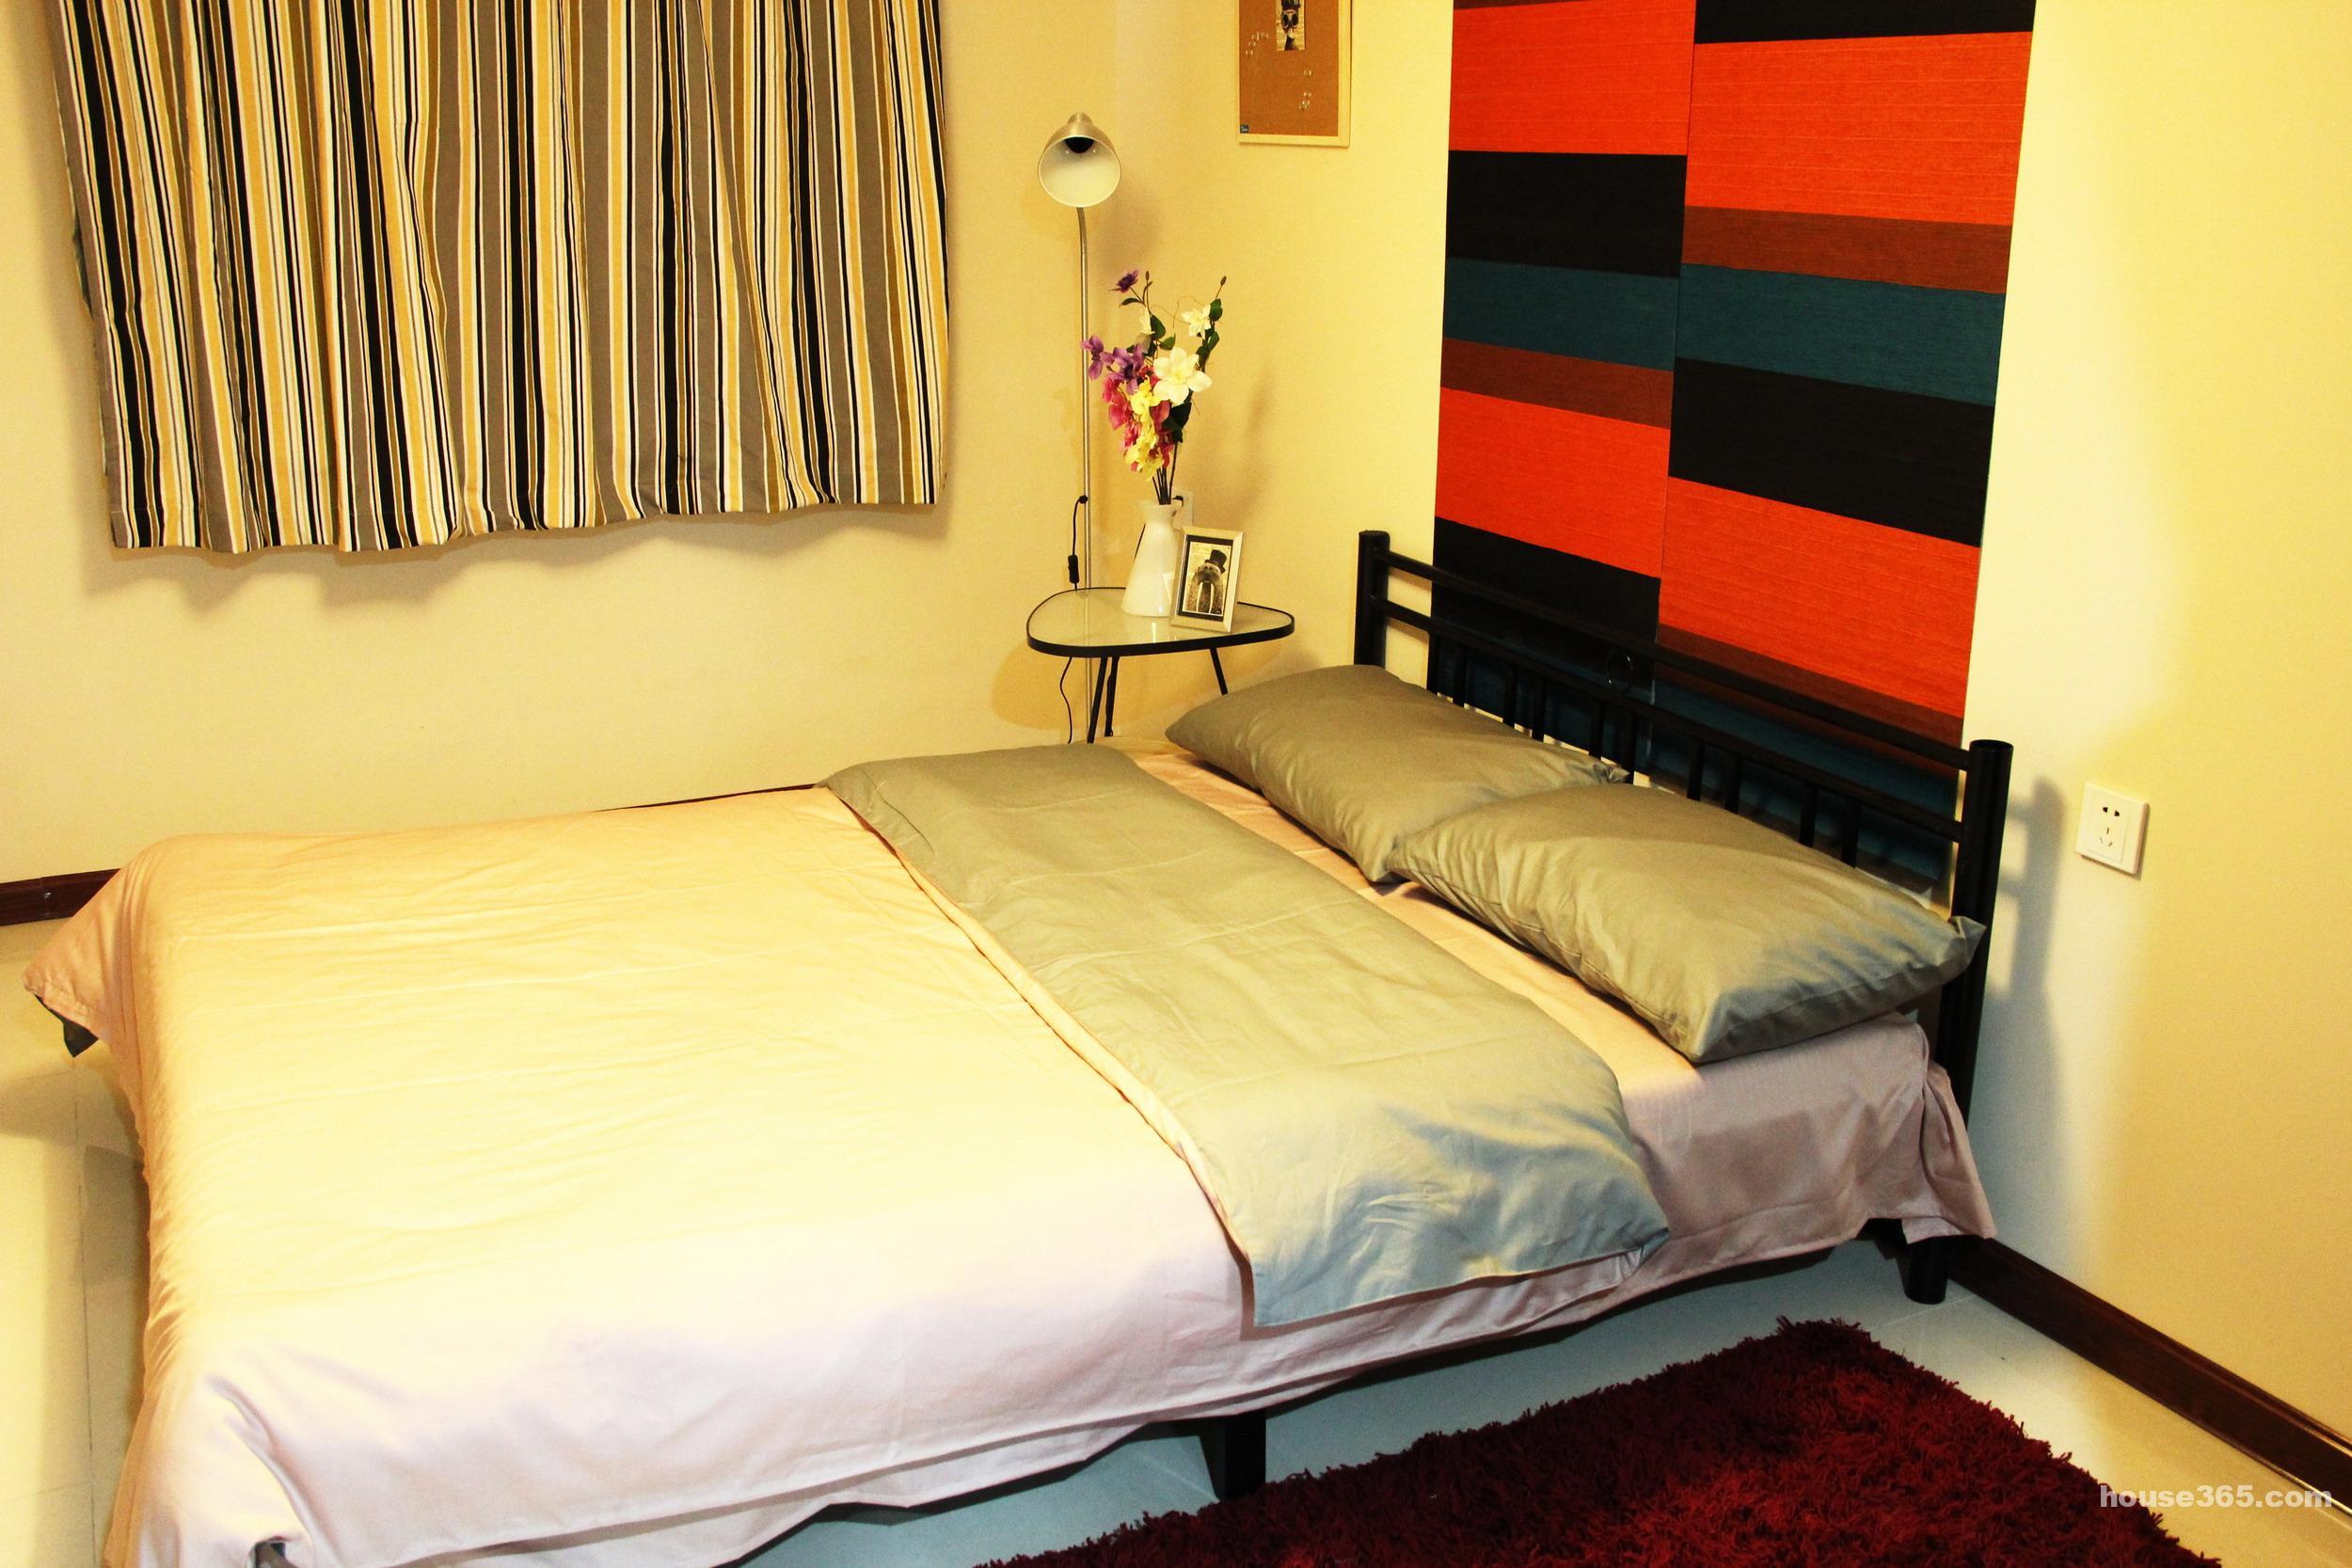 背景墙 房间 家居 酒店 设计 卧室 卧室装修 现代 装修 2500_1667